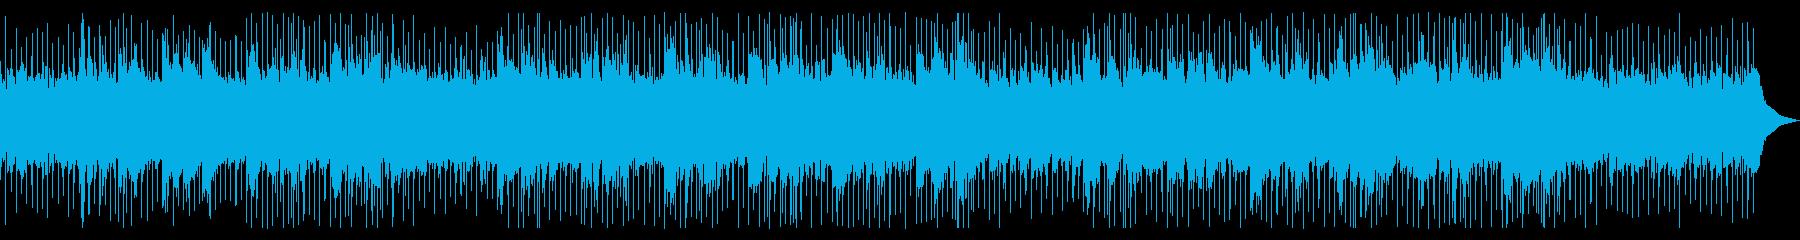 爽やかな初夏の風をイメージしたアコギ楽曲の再生済みの波形